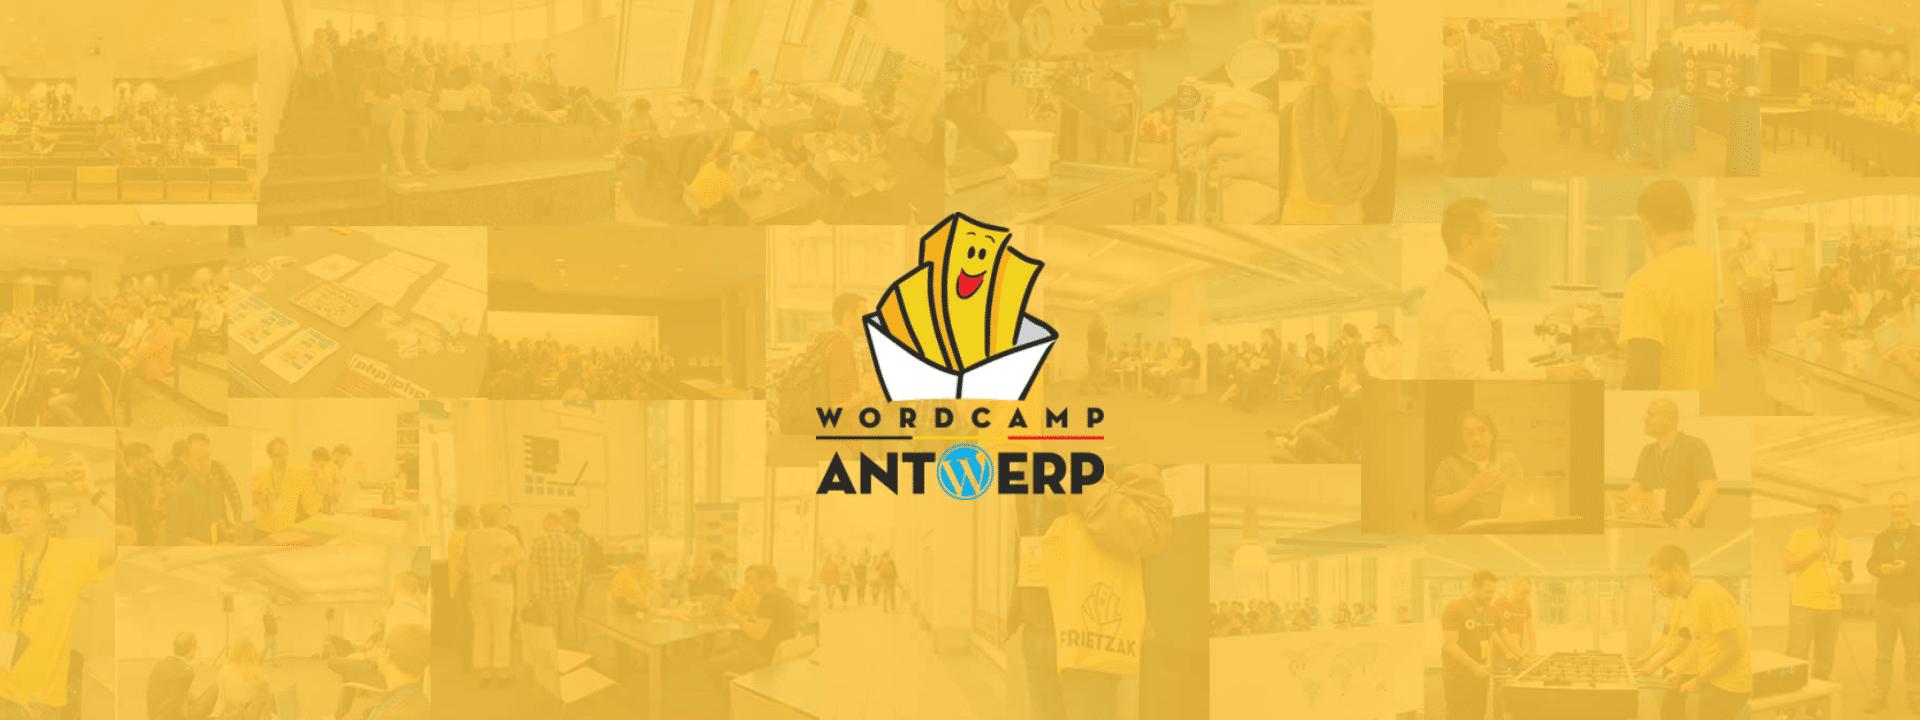 WordCamp Antwerp 2018: Recap